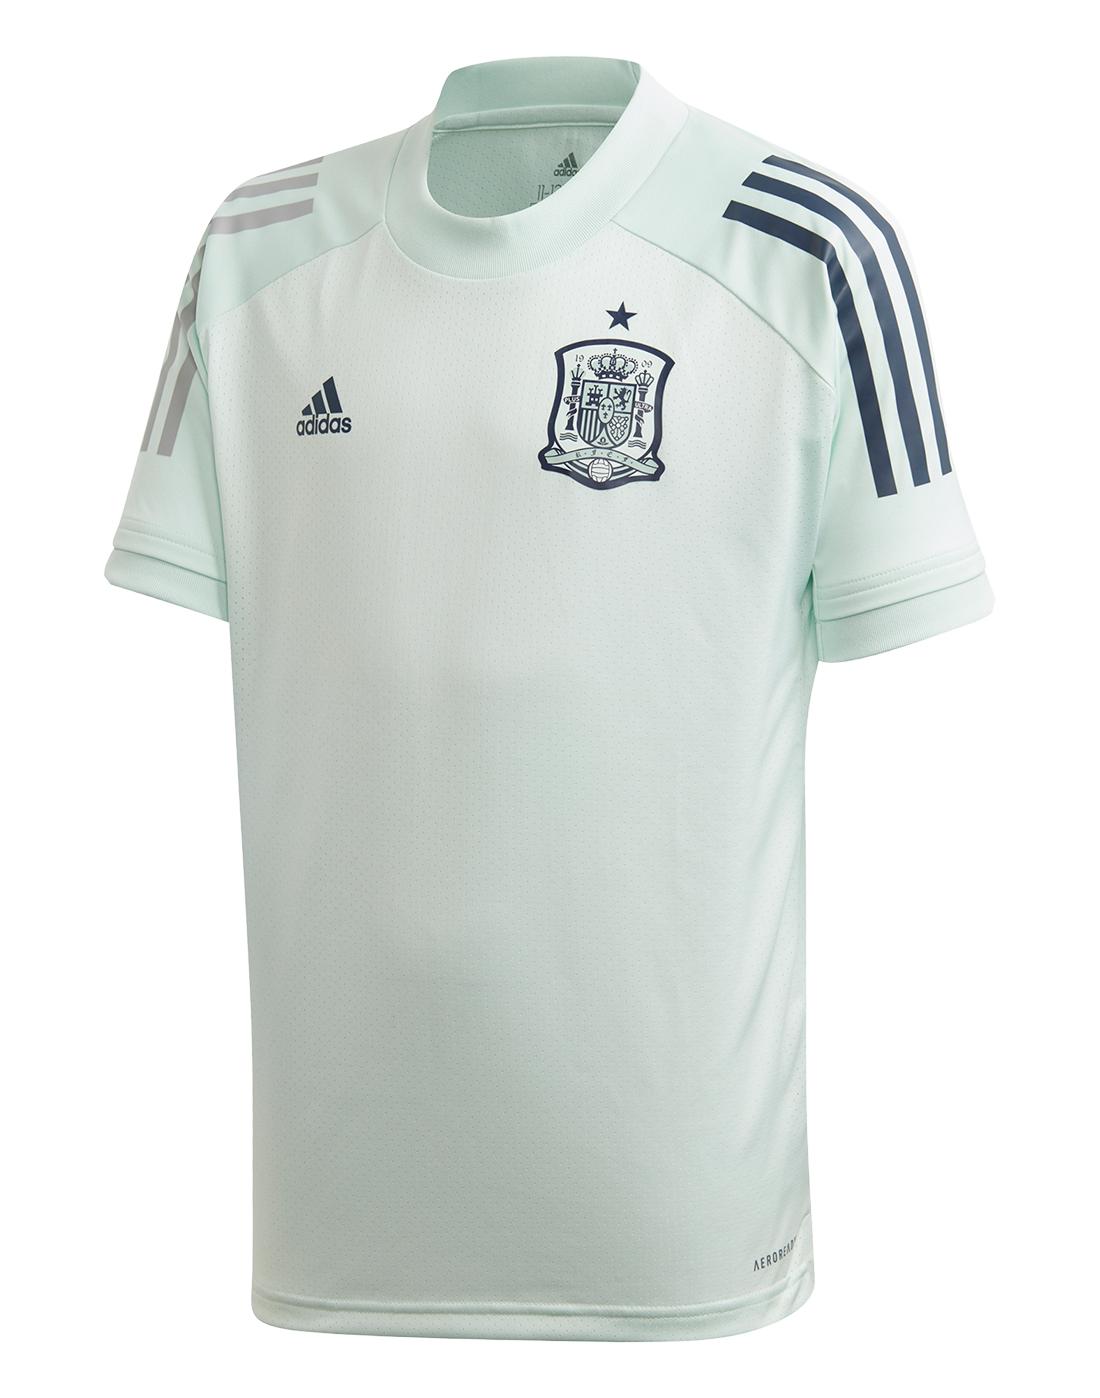 Decepcionado Culo Derivación  adidas Kids Spain Euro 2020 Training T-Shirt | Life Style Sports